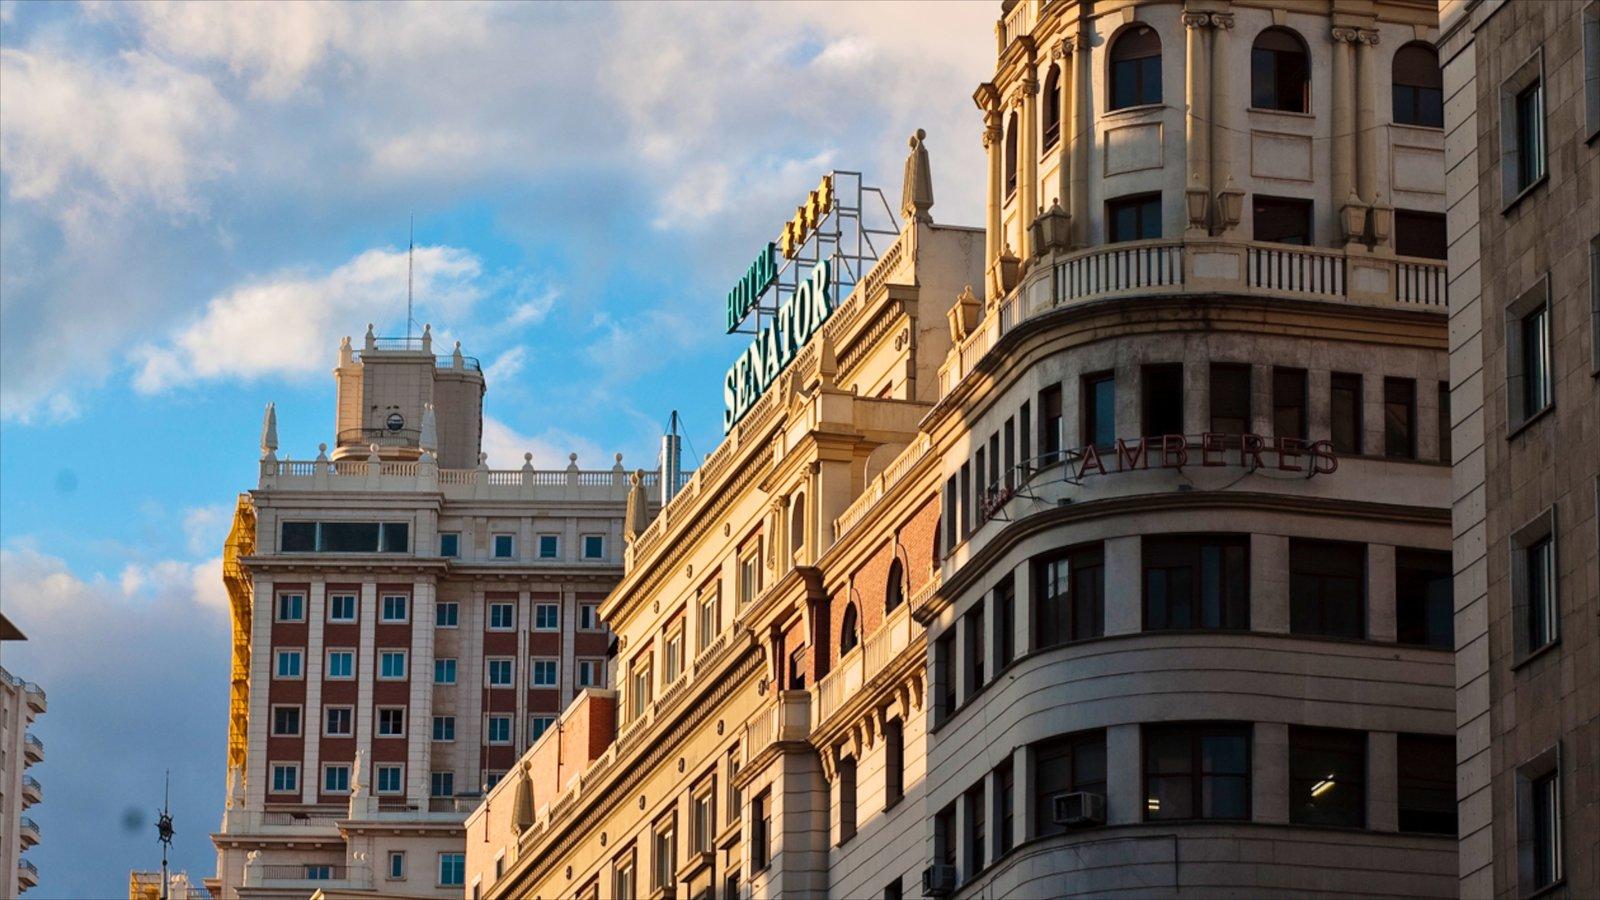 Gran Vía - Puerta del Sol que incluye una ciudad y patrimonio de arquitectura